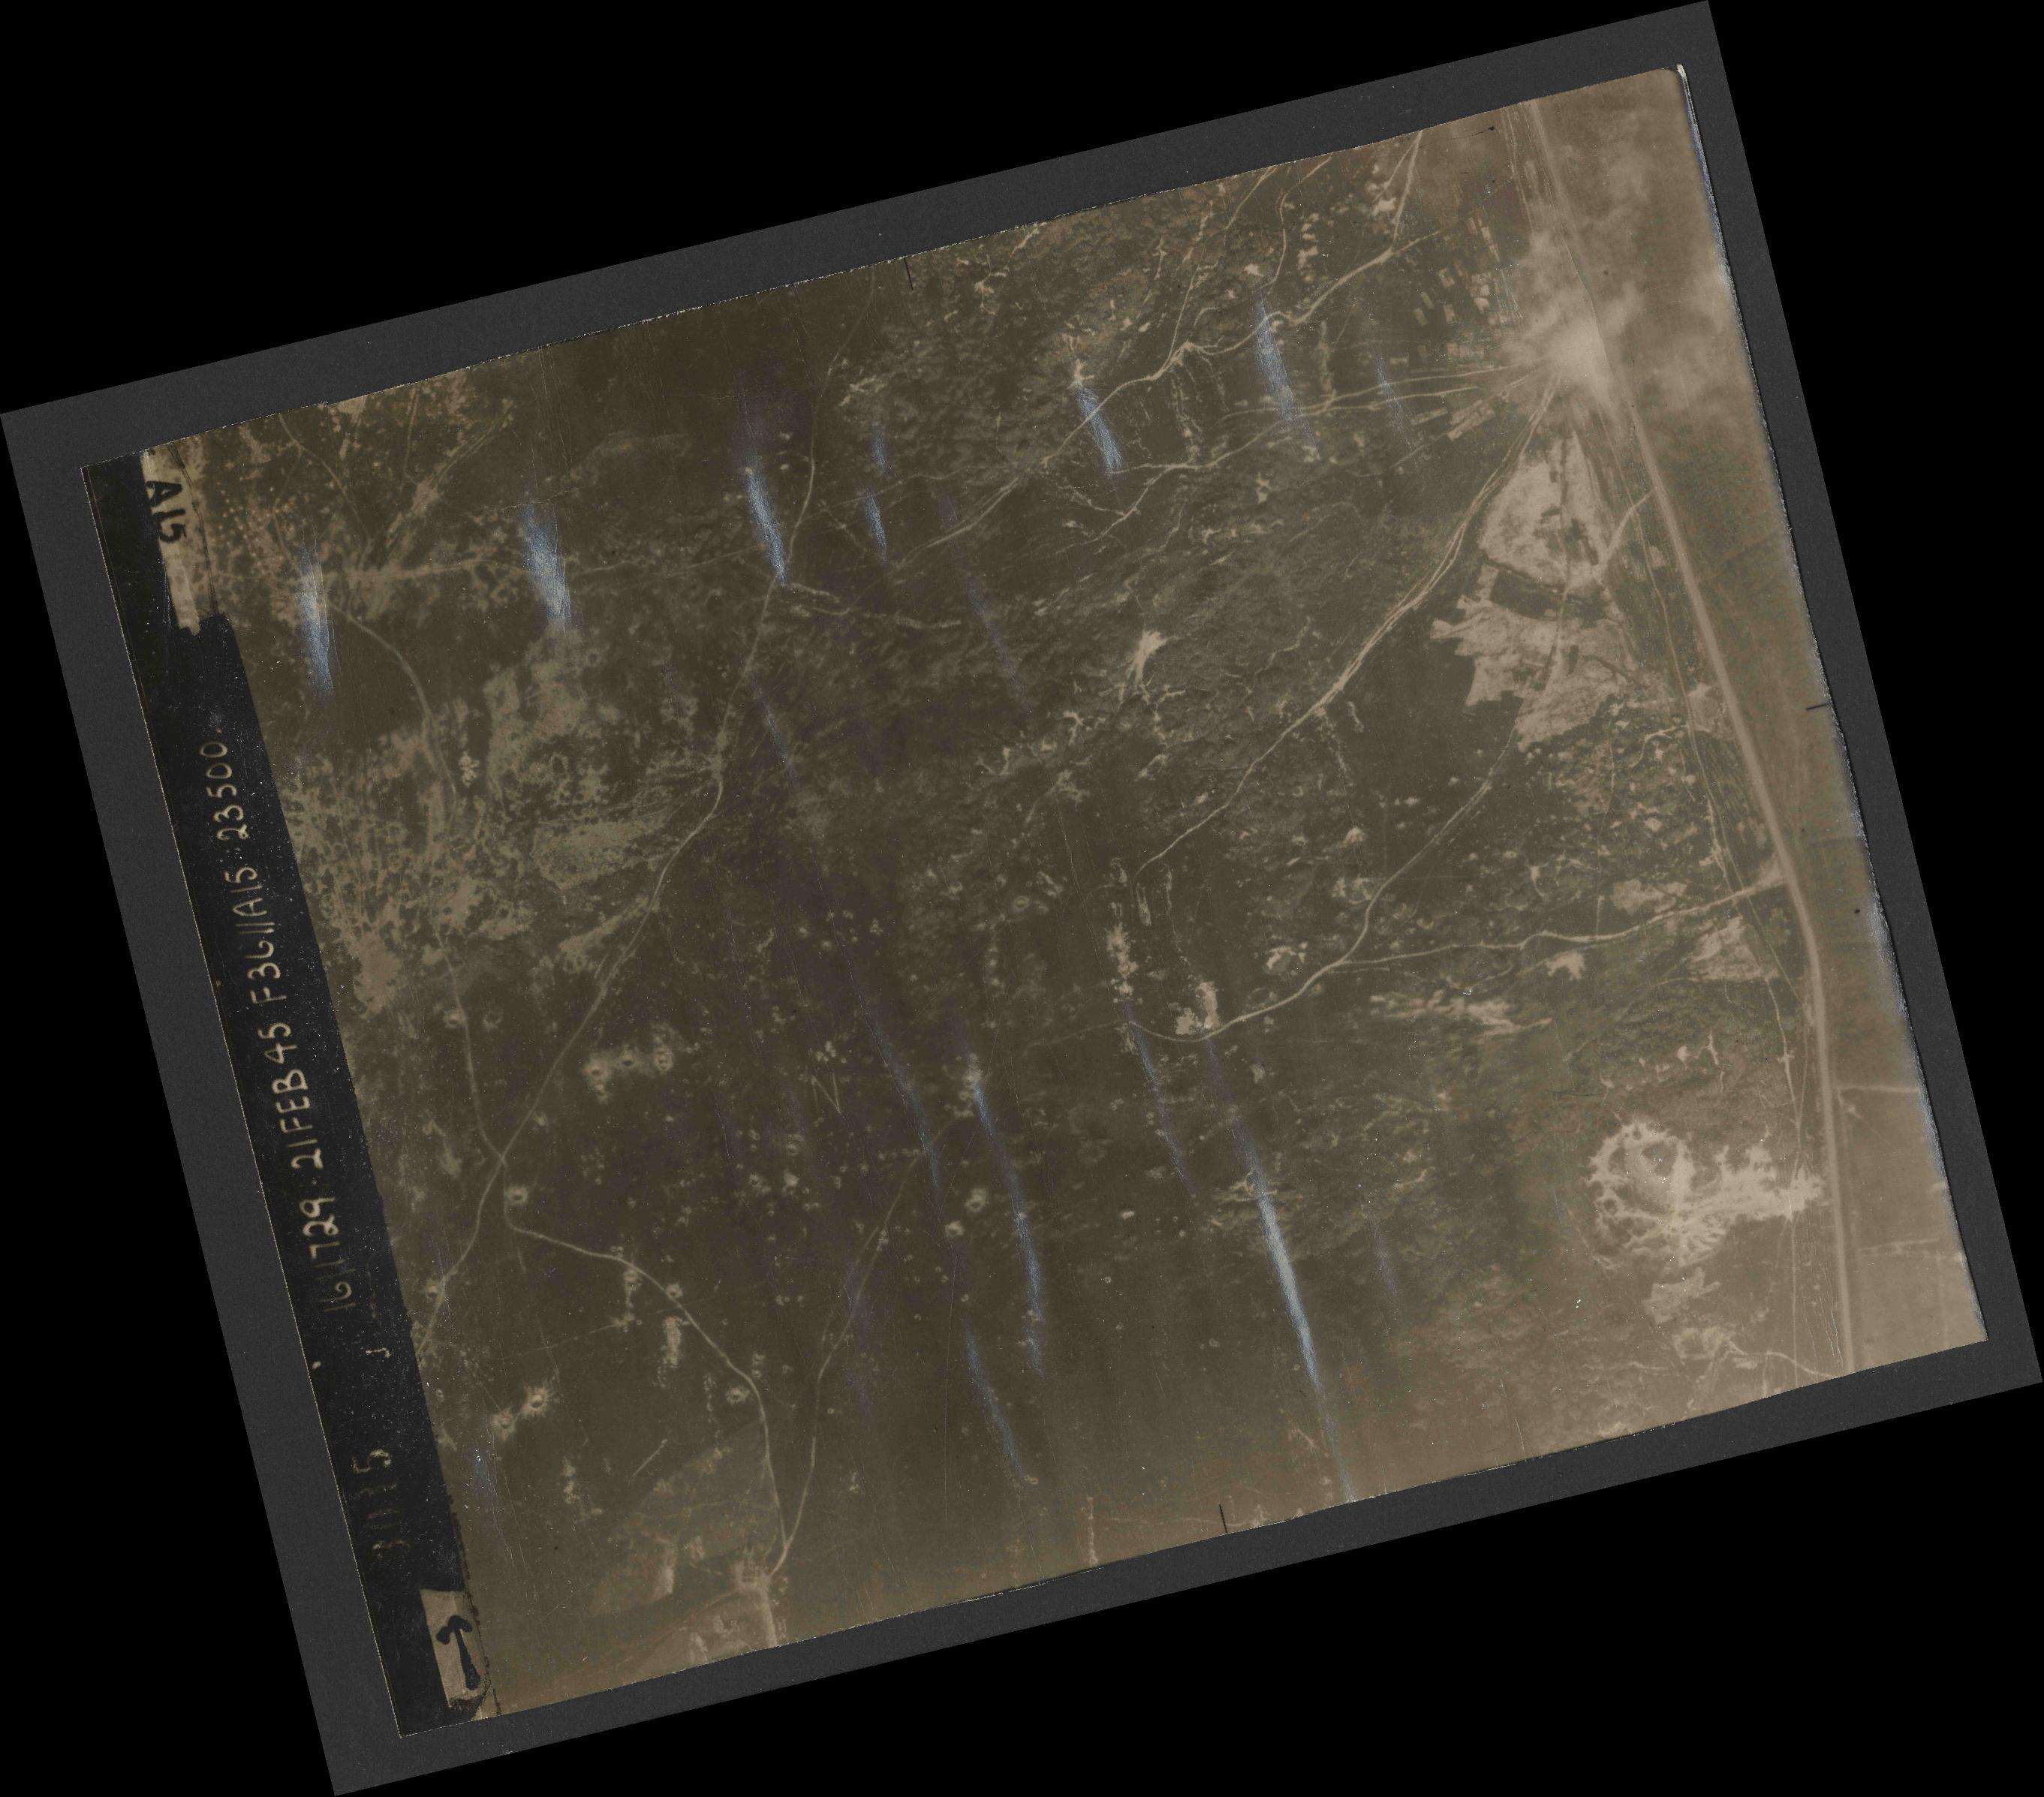 Collection RAF aerial photos 1940-1945 - flight 127, run 03, photo 3015